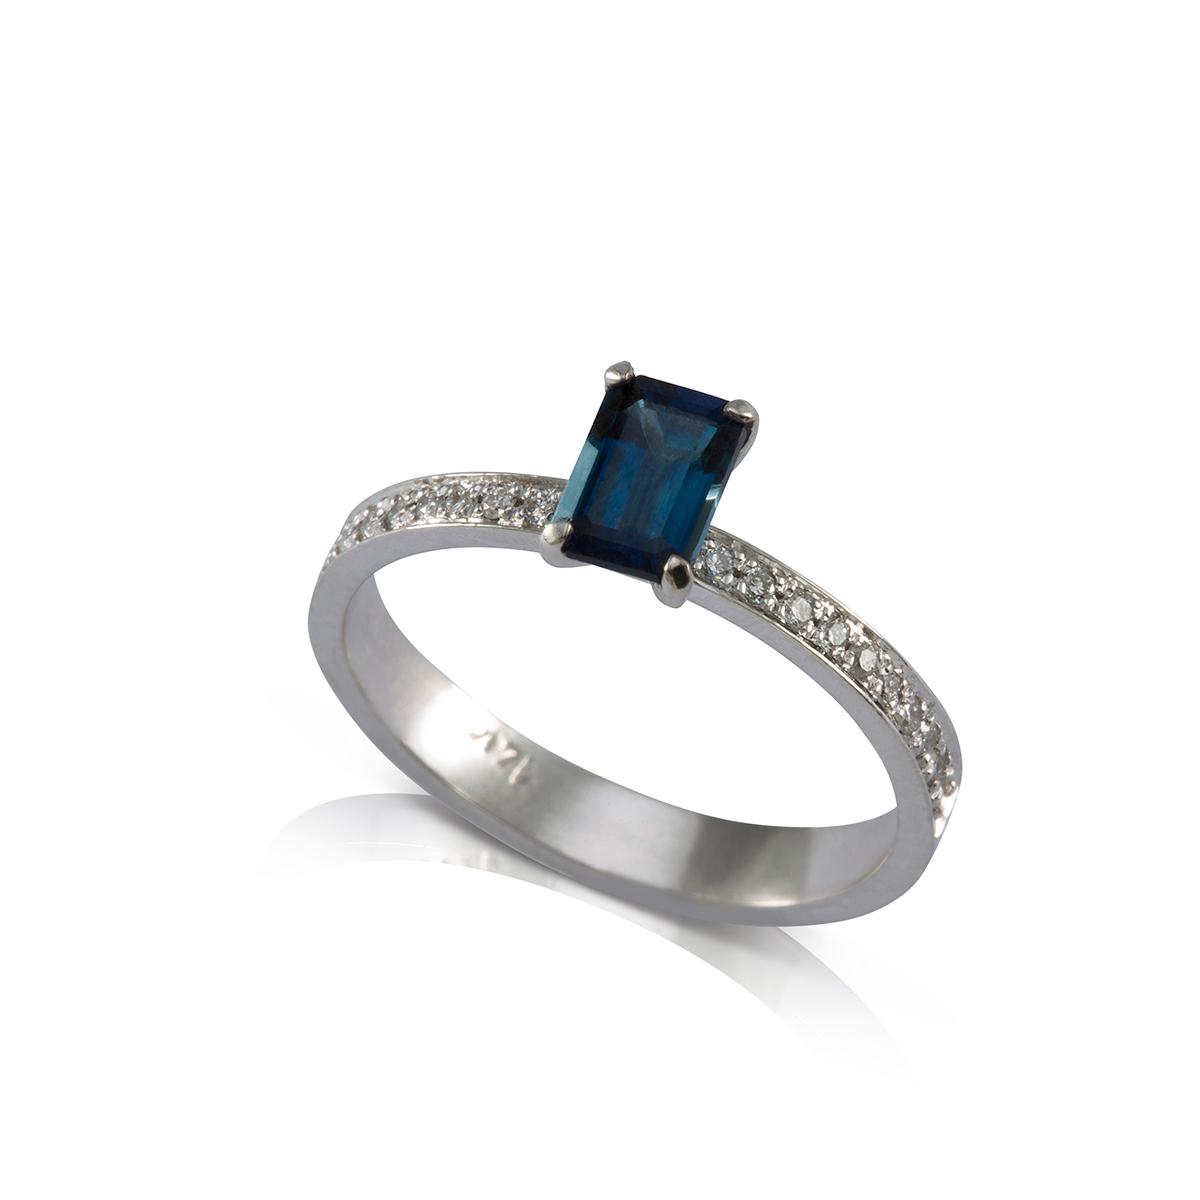 טבעת סוליטר משובצת ספיר מלבני ויהלומים